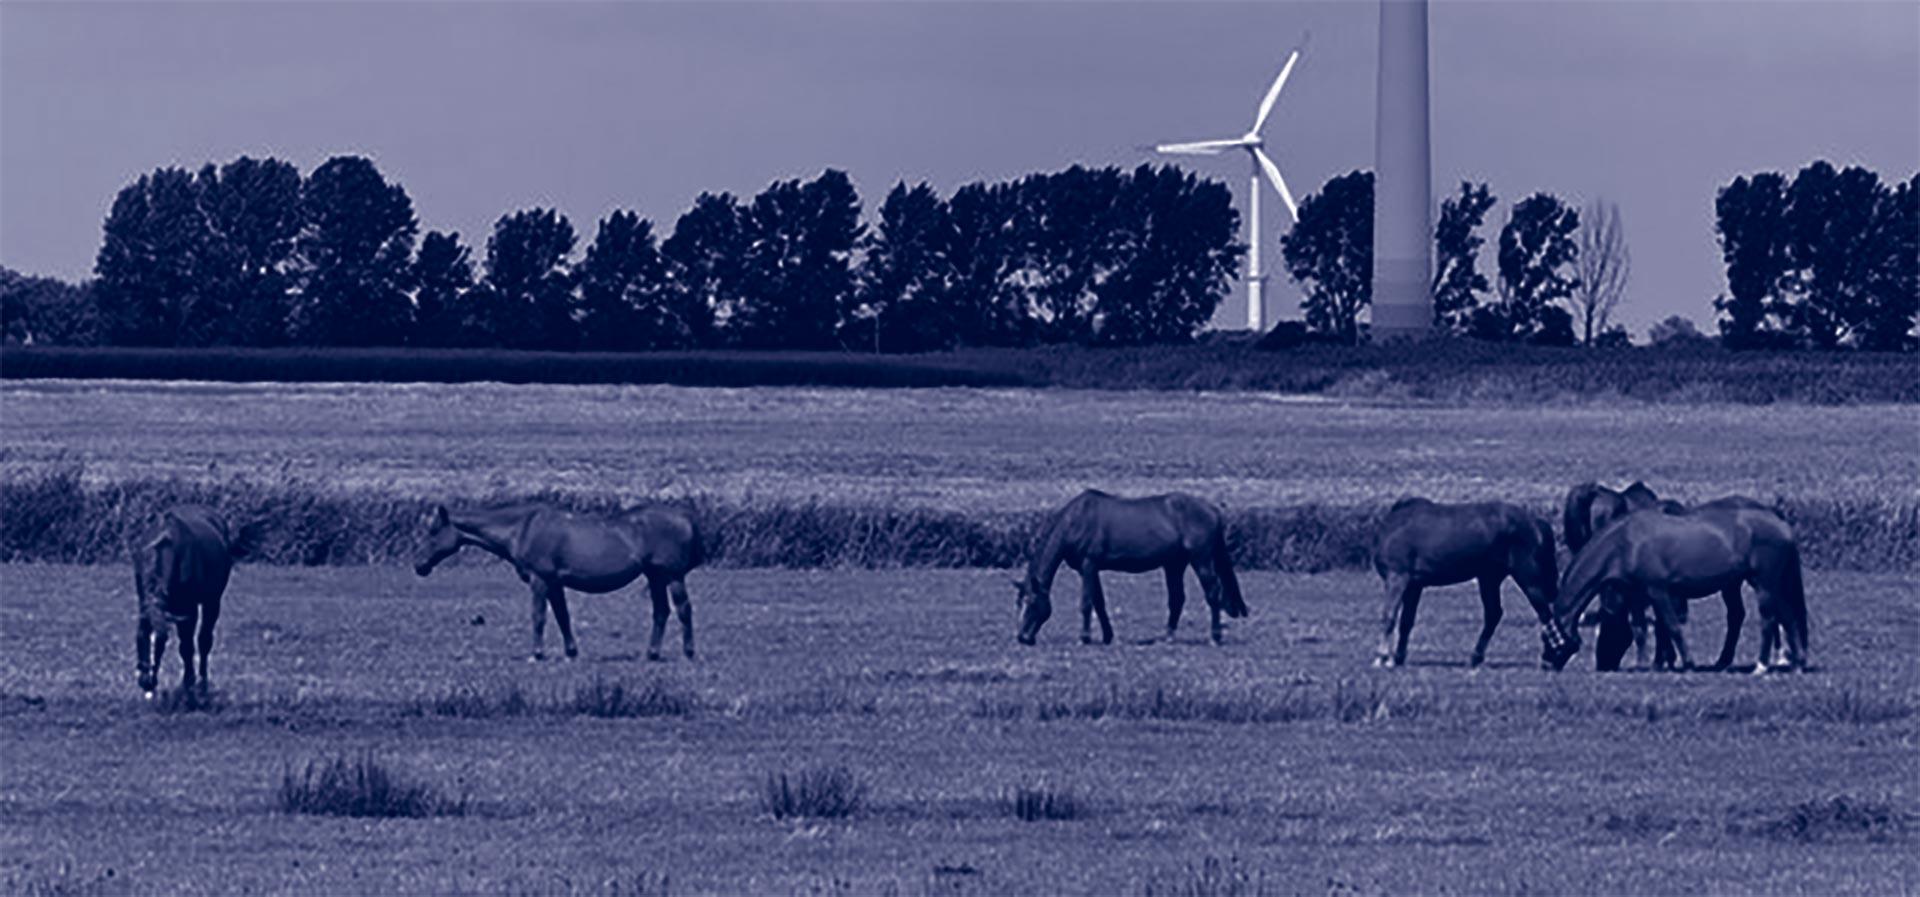 Paardenhouderij - grondgebonden